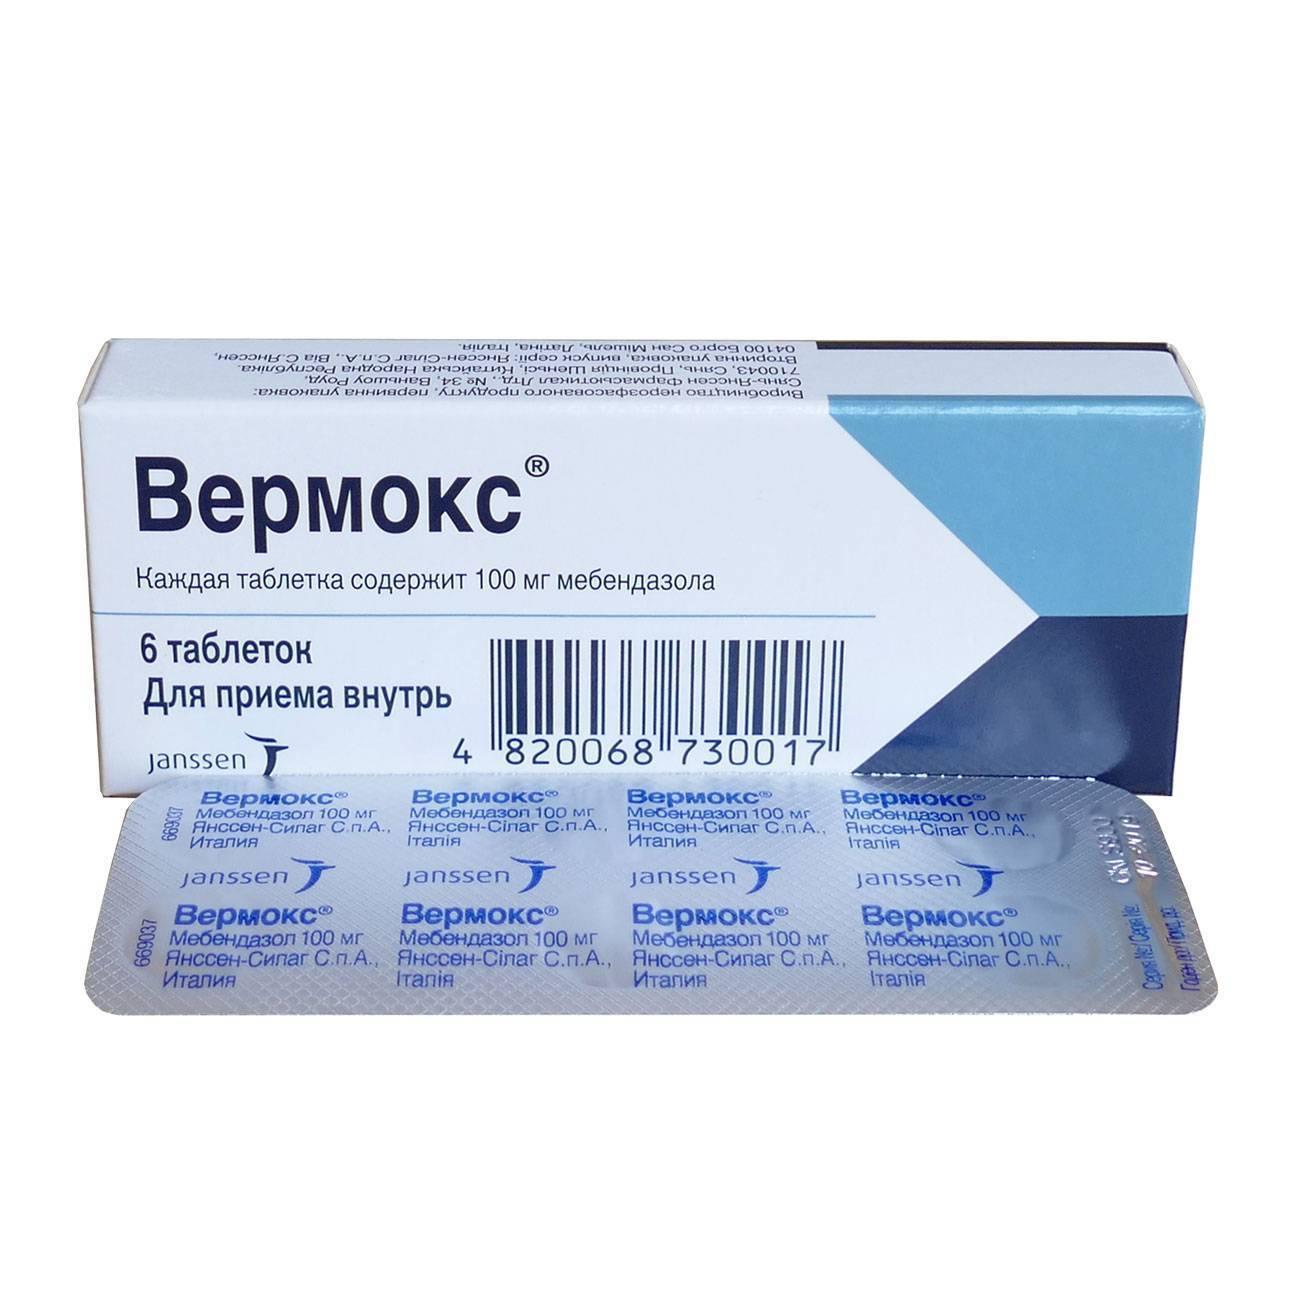 Вермокс от глистов: эффективность и особенности препарата